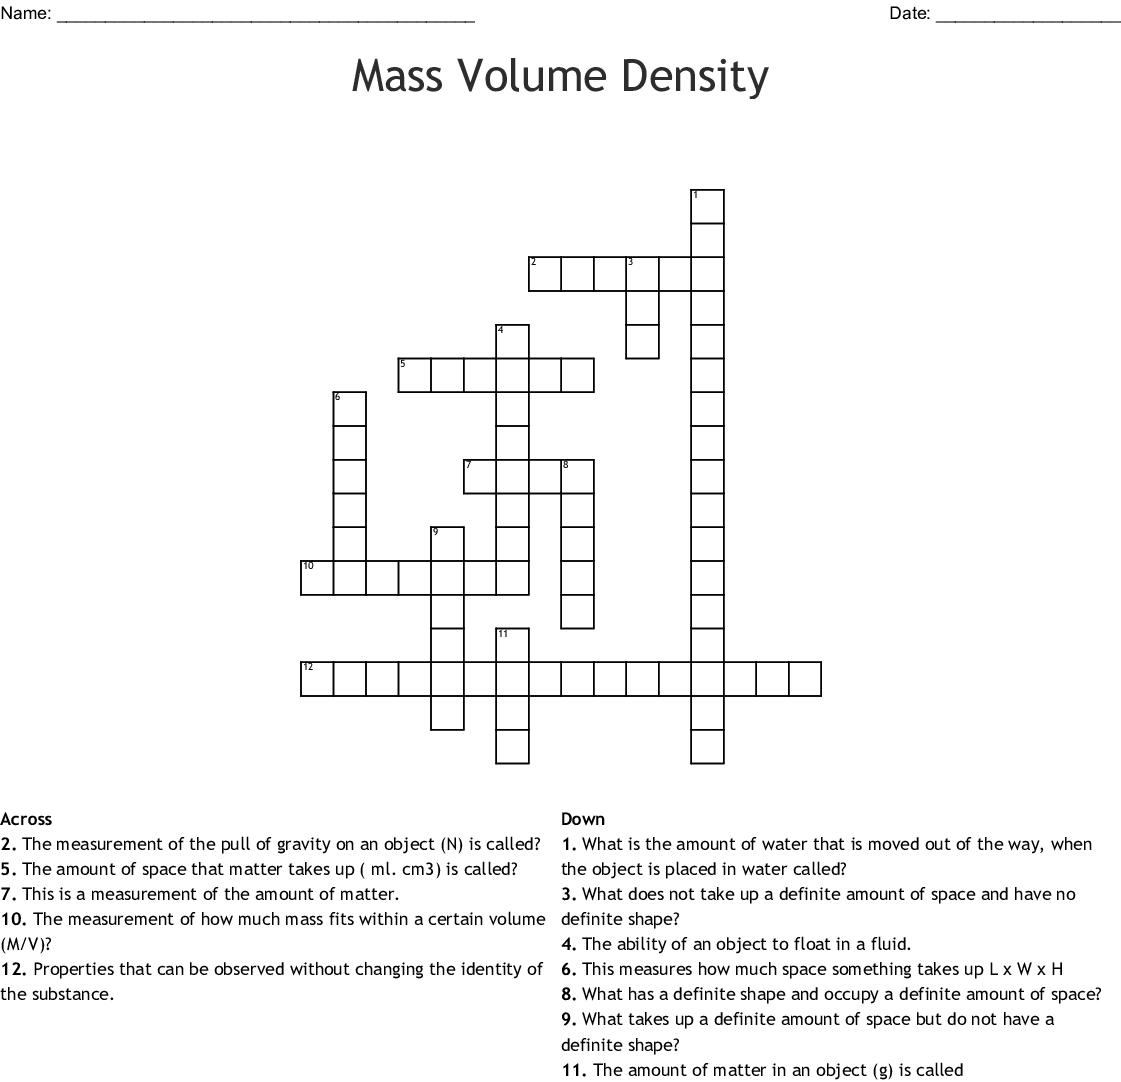 Mass Volume Density Crossword Wordmint